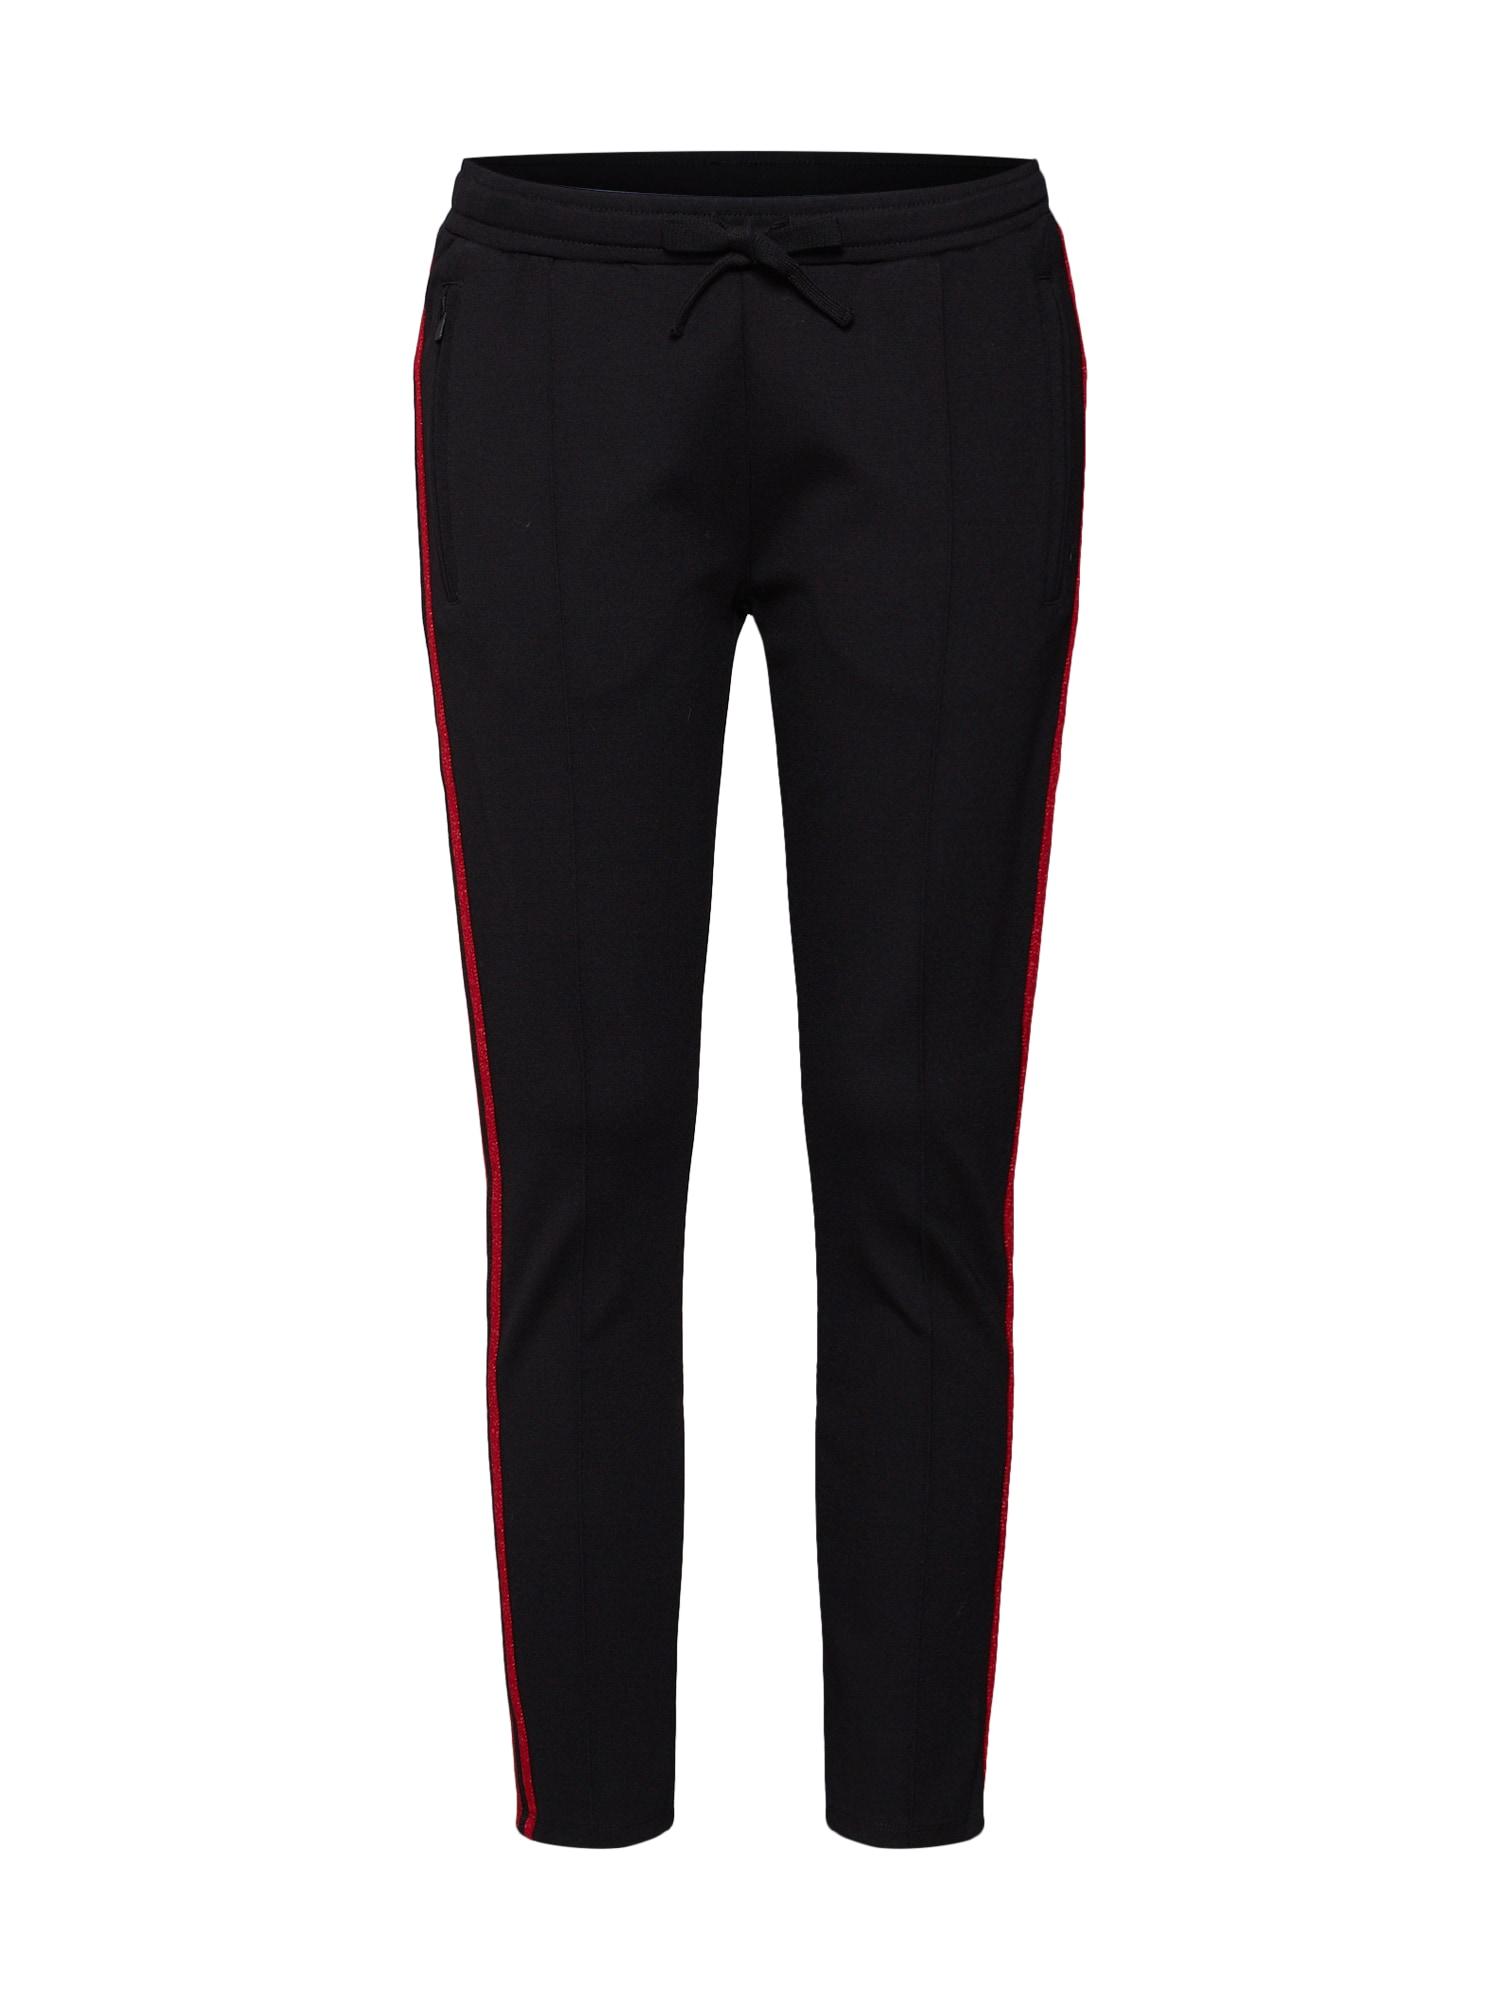 Kalhoty s puky červená černá 10Days